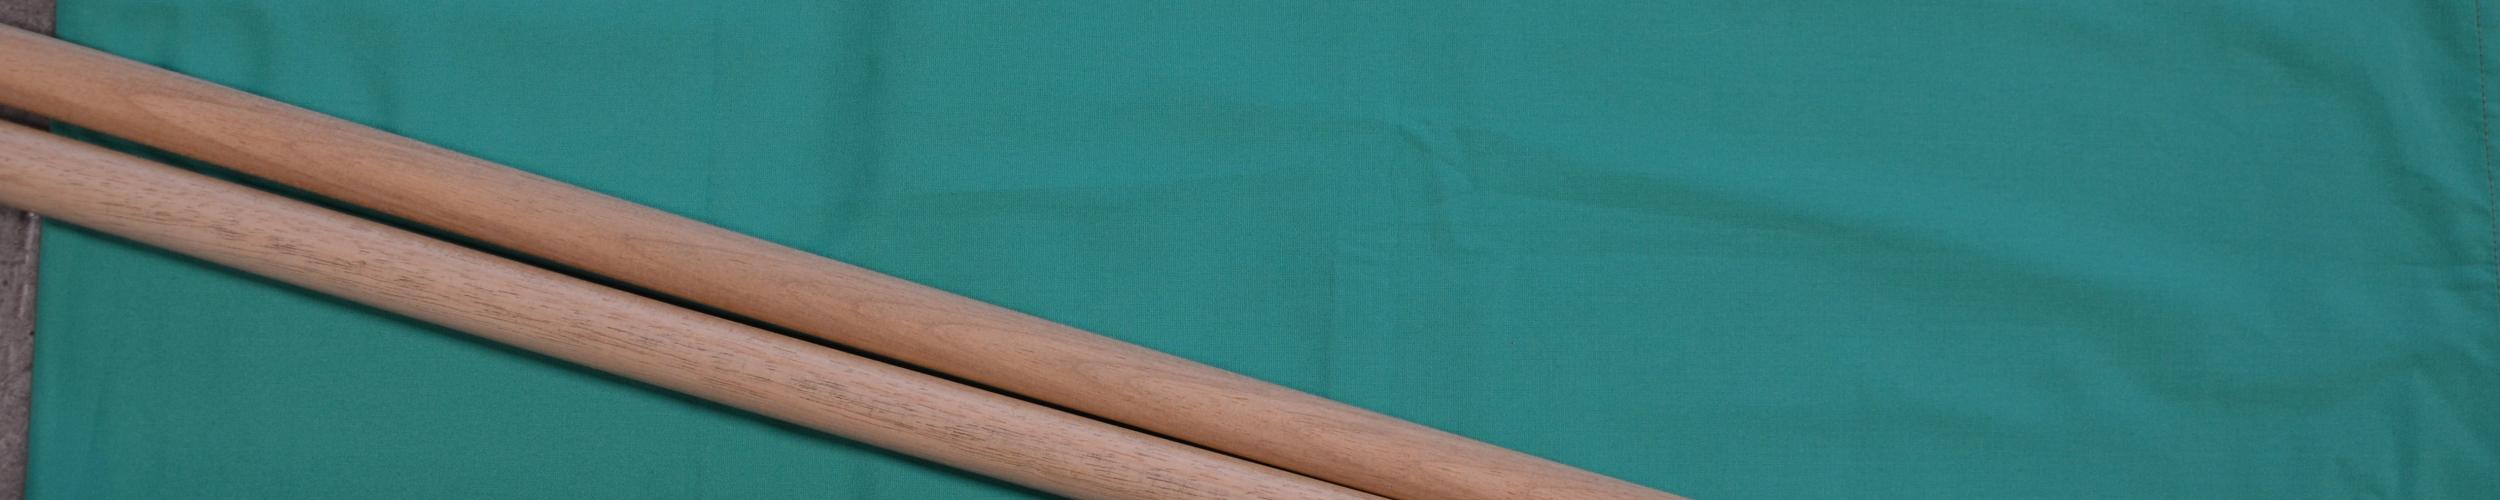 Windscherm Groen 4 meter, stockactie nummer 52